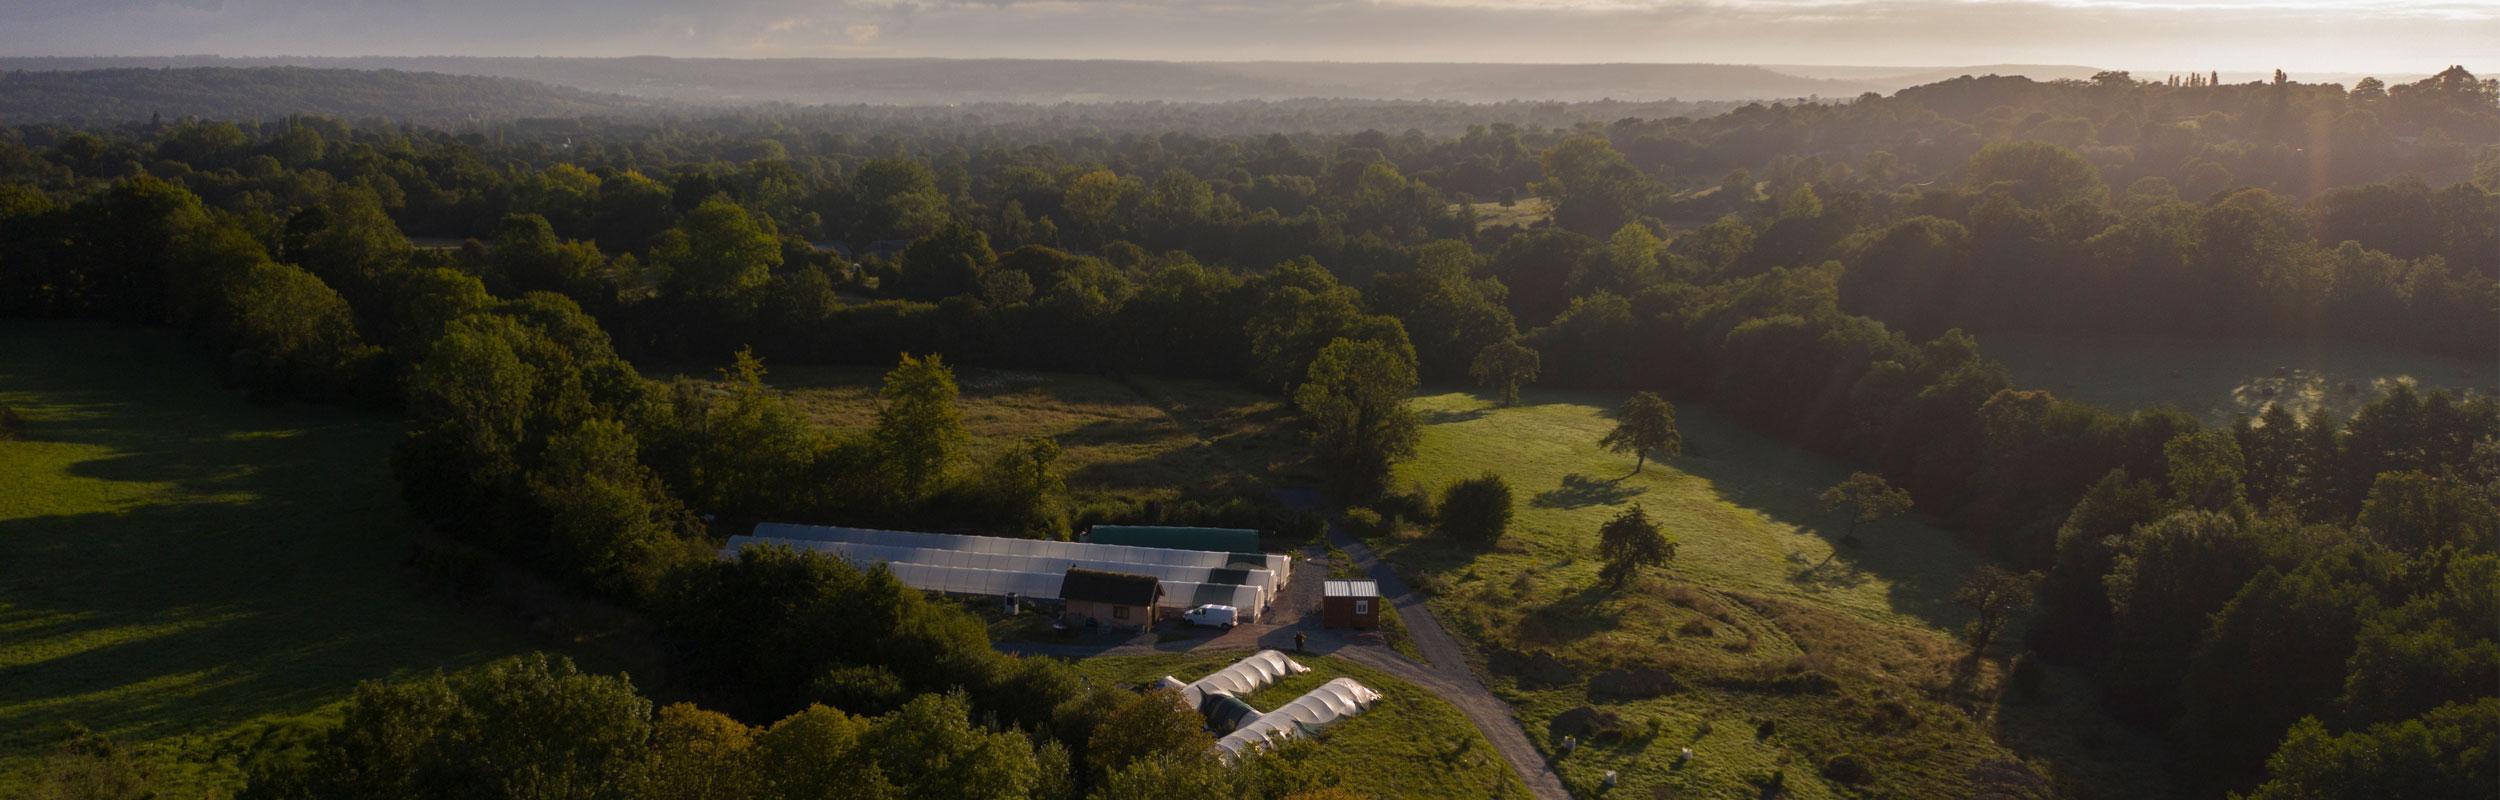 Notre ferme de spiruline au soleil levant en pleine nature